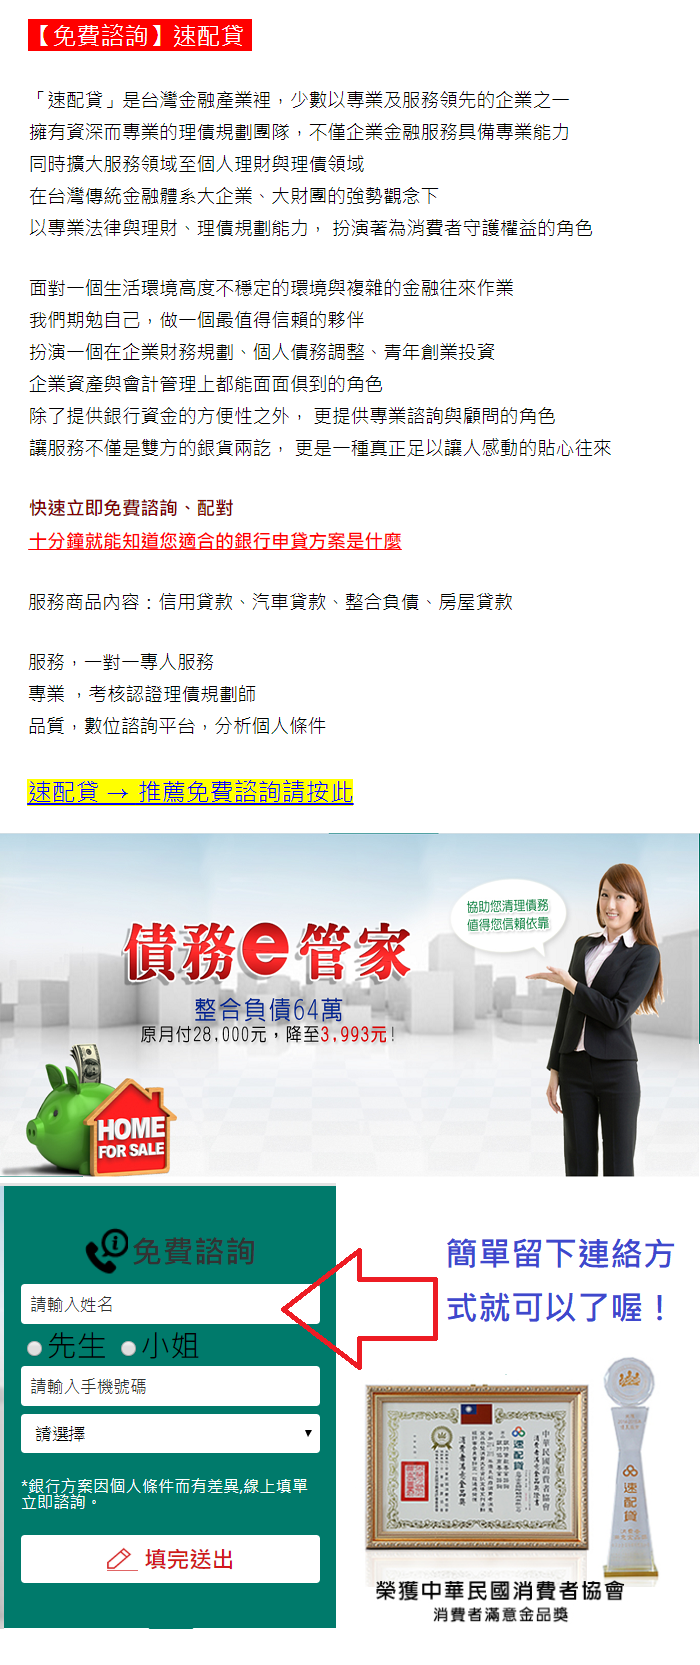 辦房屋貸款要準備什麼方法